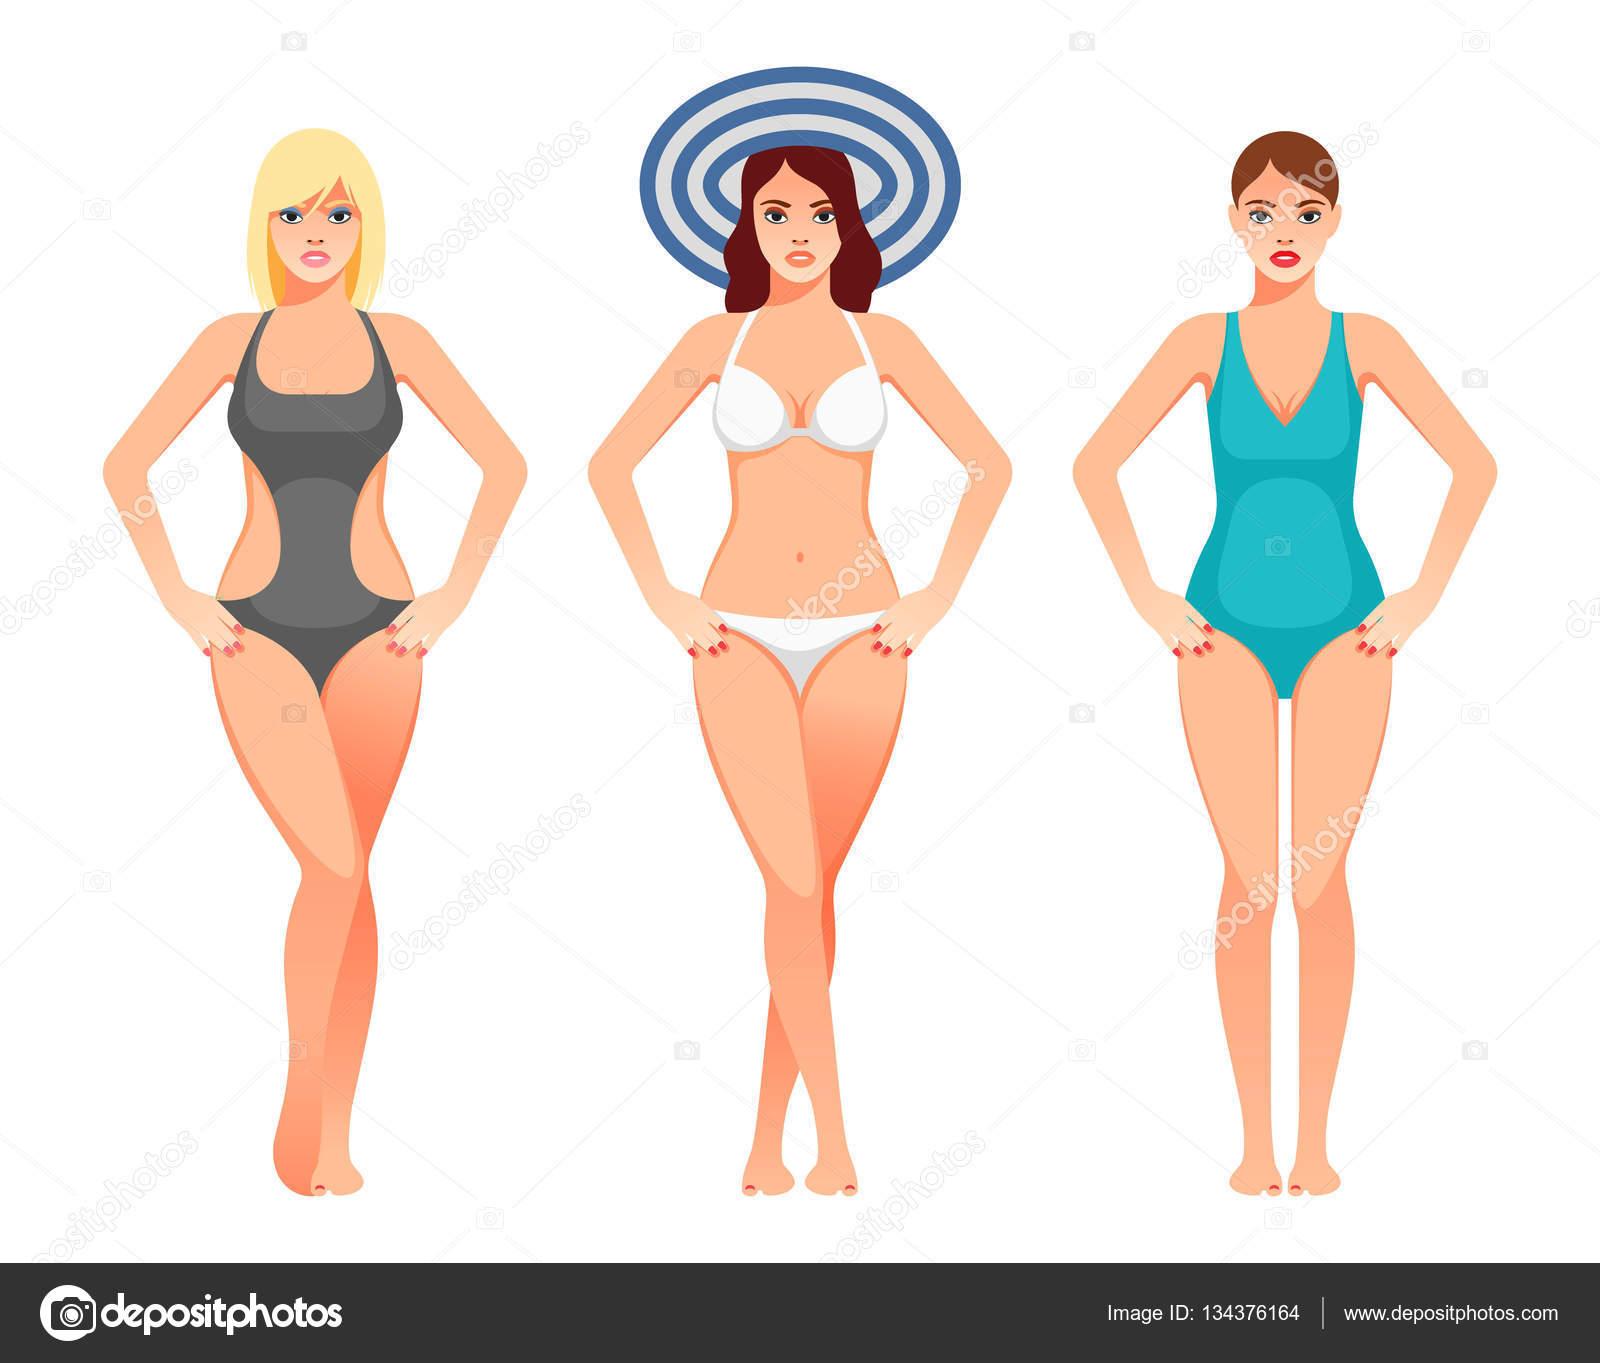 Zwembroek Vrouwen.Vrouwen In Zwembroek Mooie Meisjes In Badpak Stockvector